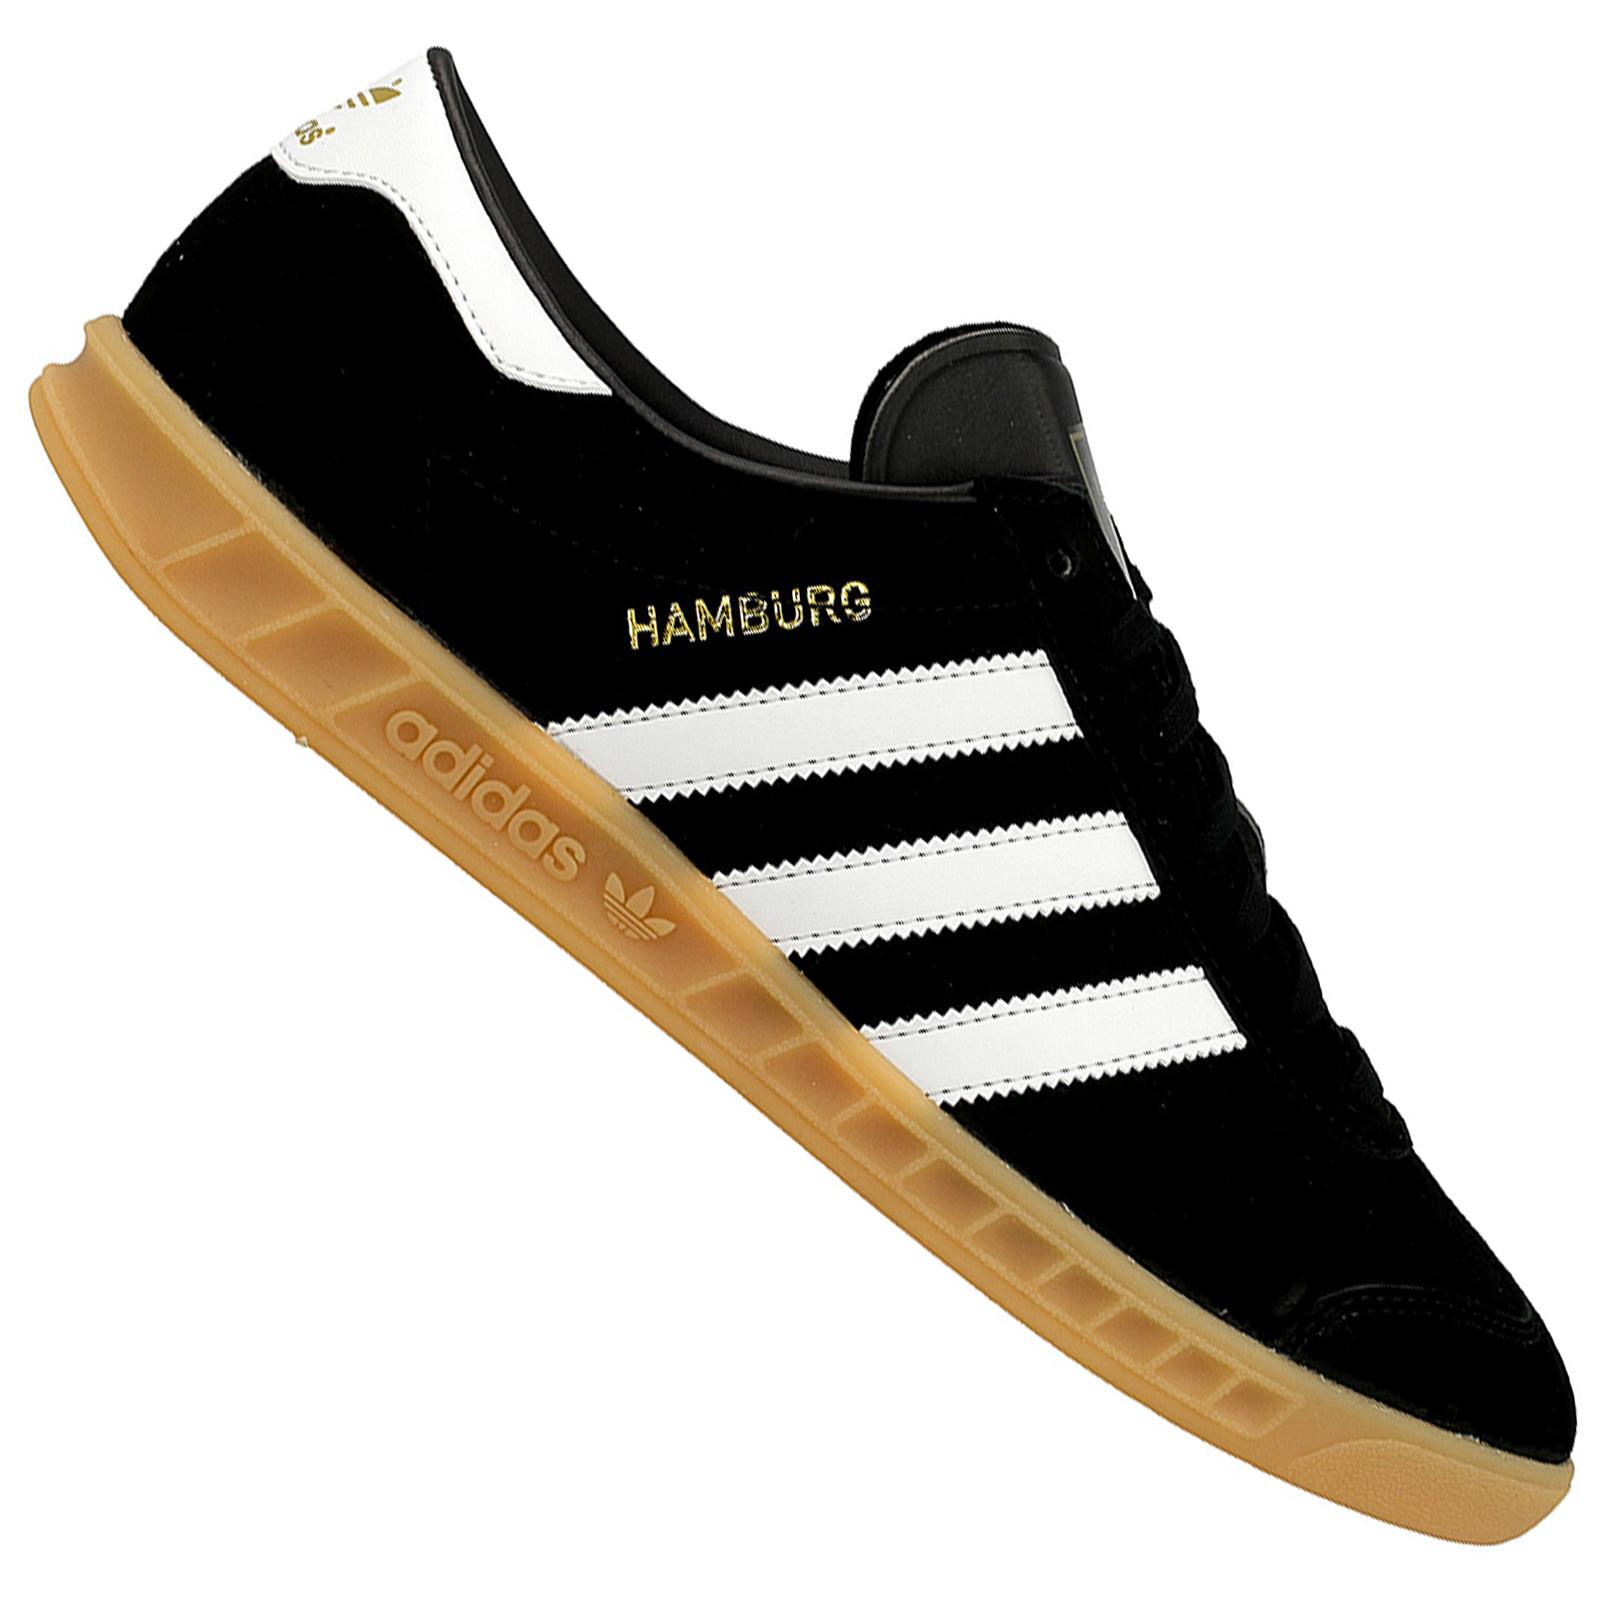 Details zu adidas Originals Hamburg Herren Damen Sneaker Leder Turnschuhe Schwarz Weiß